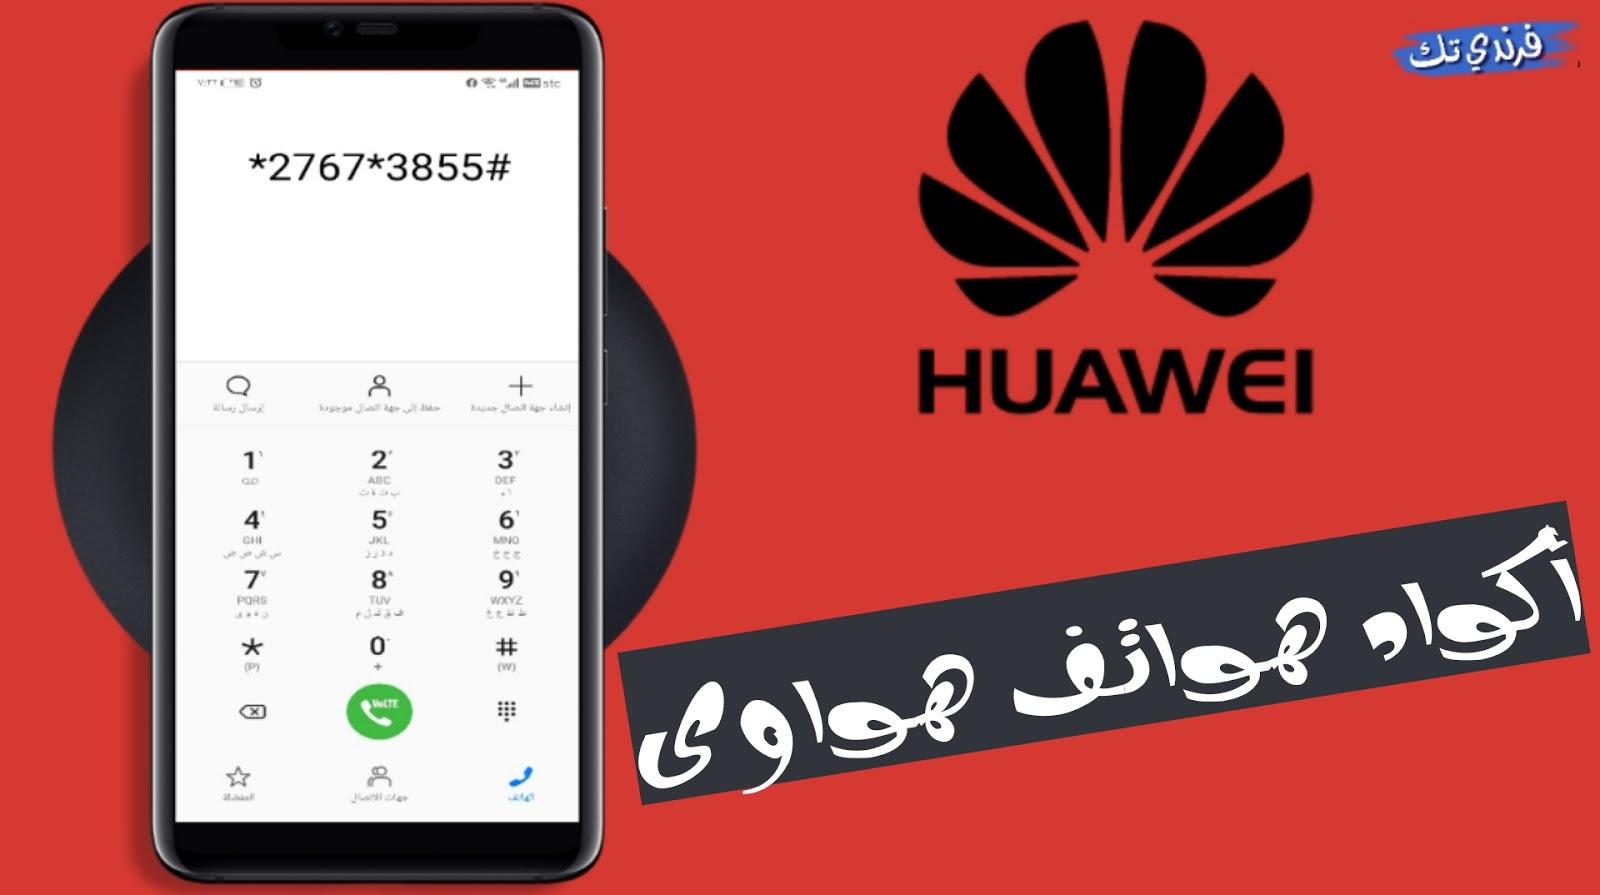 جميع أكواد هواتف هواوي السرية والجديدة - Huawei codes